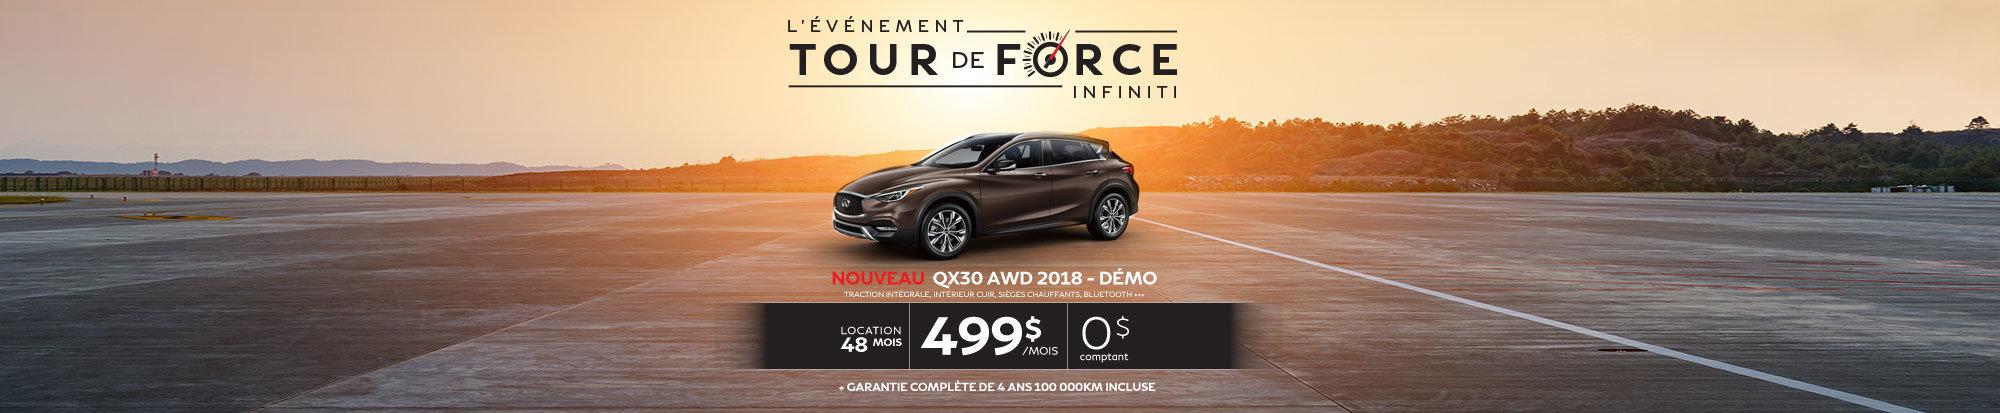 Le tout nouveau QX30 AWD 2018 démo web